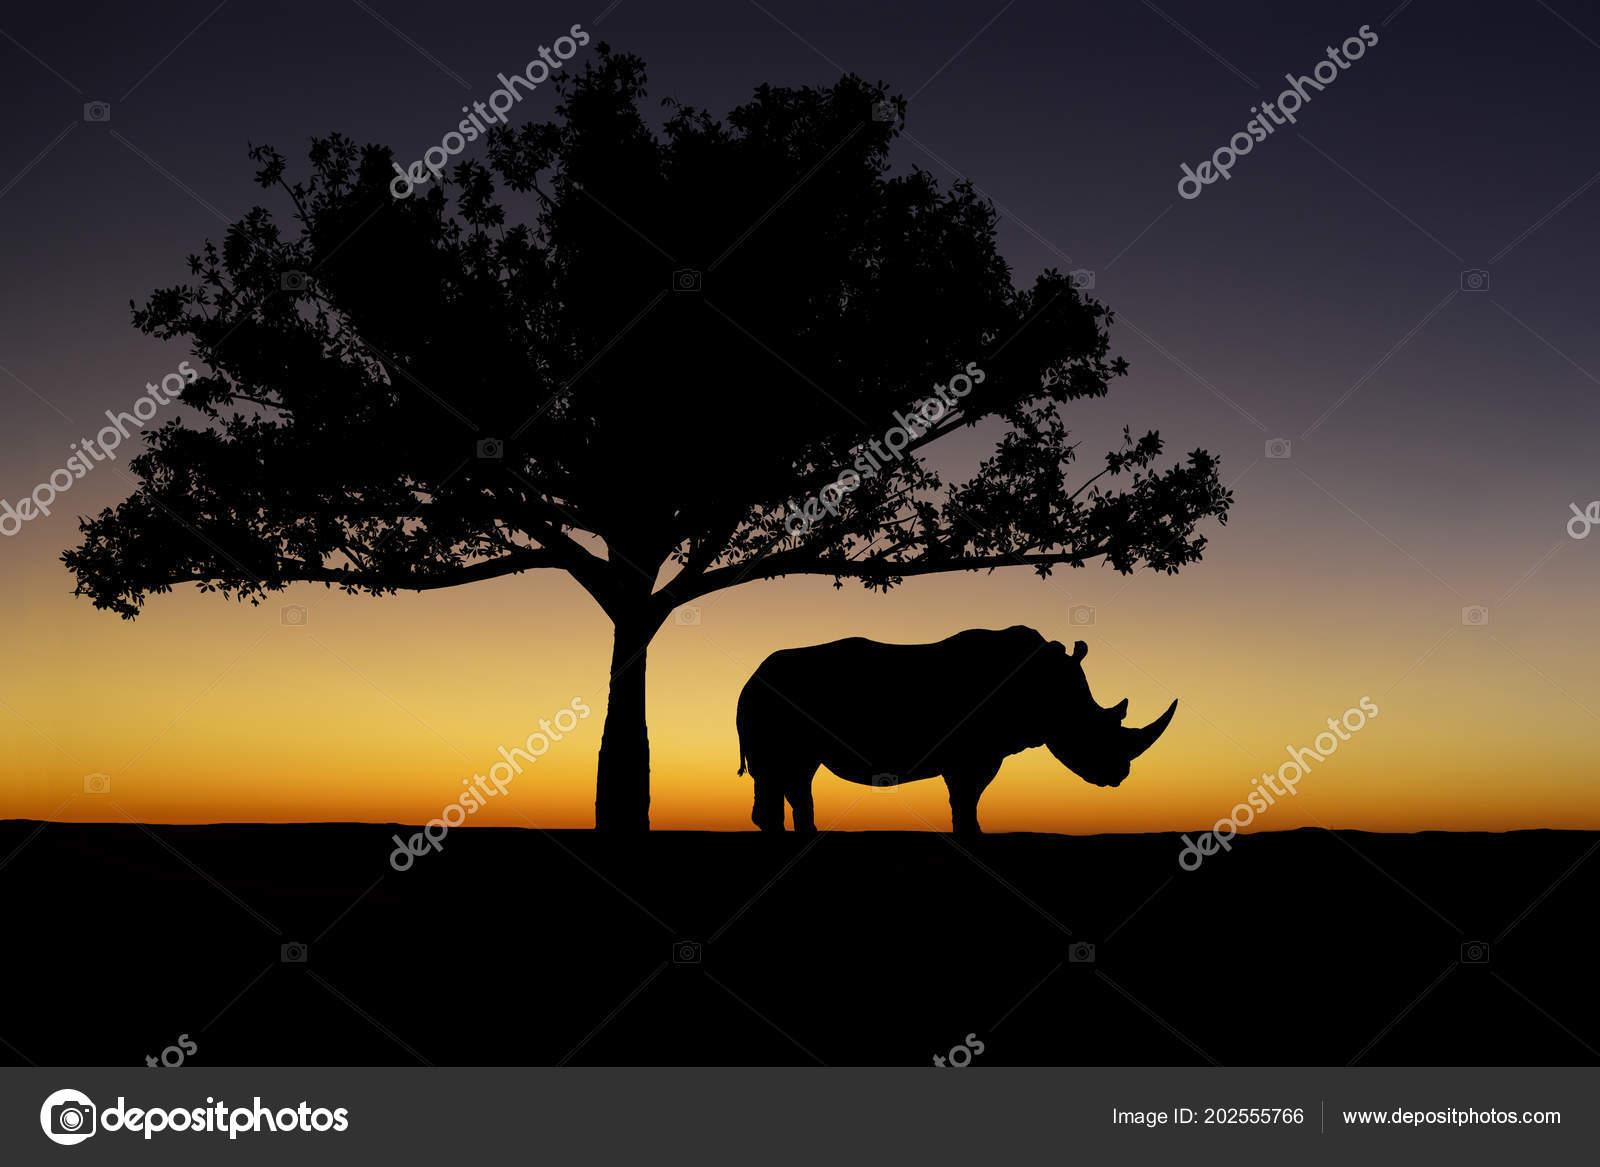 Silhouette White Rhino Standing Tree Sunset Background — Stock Photo